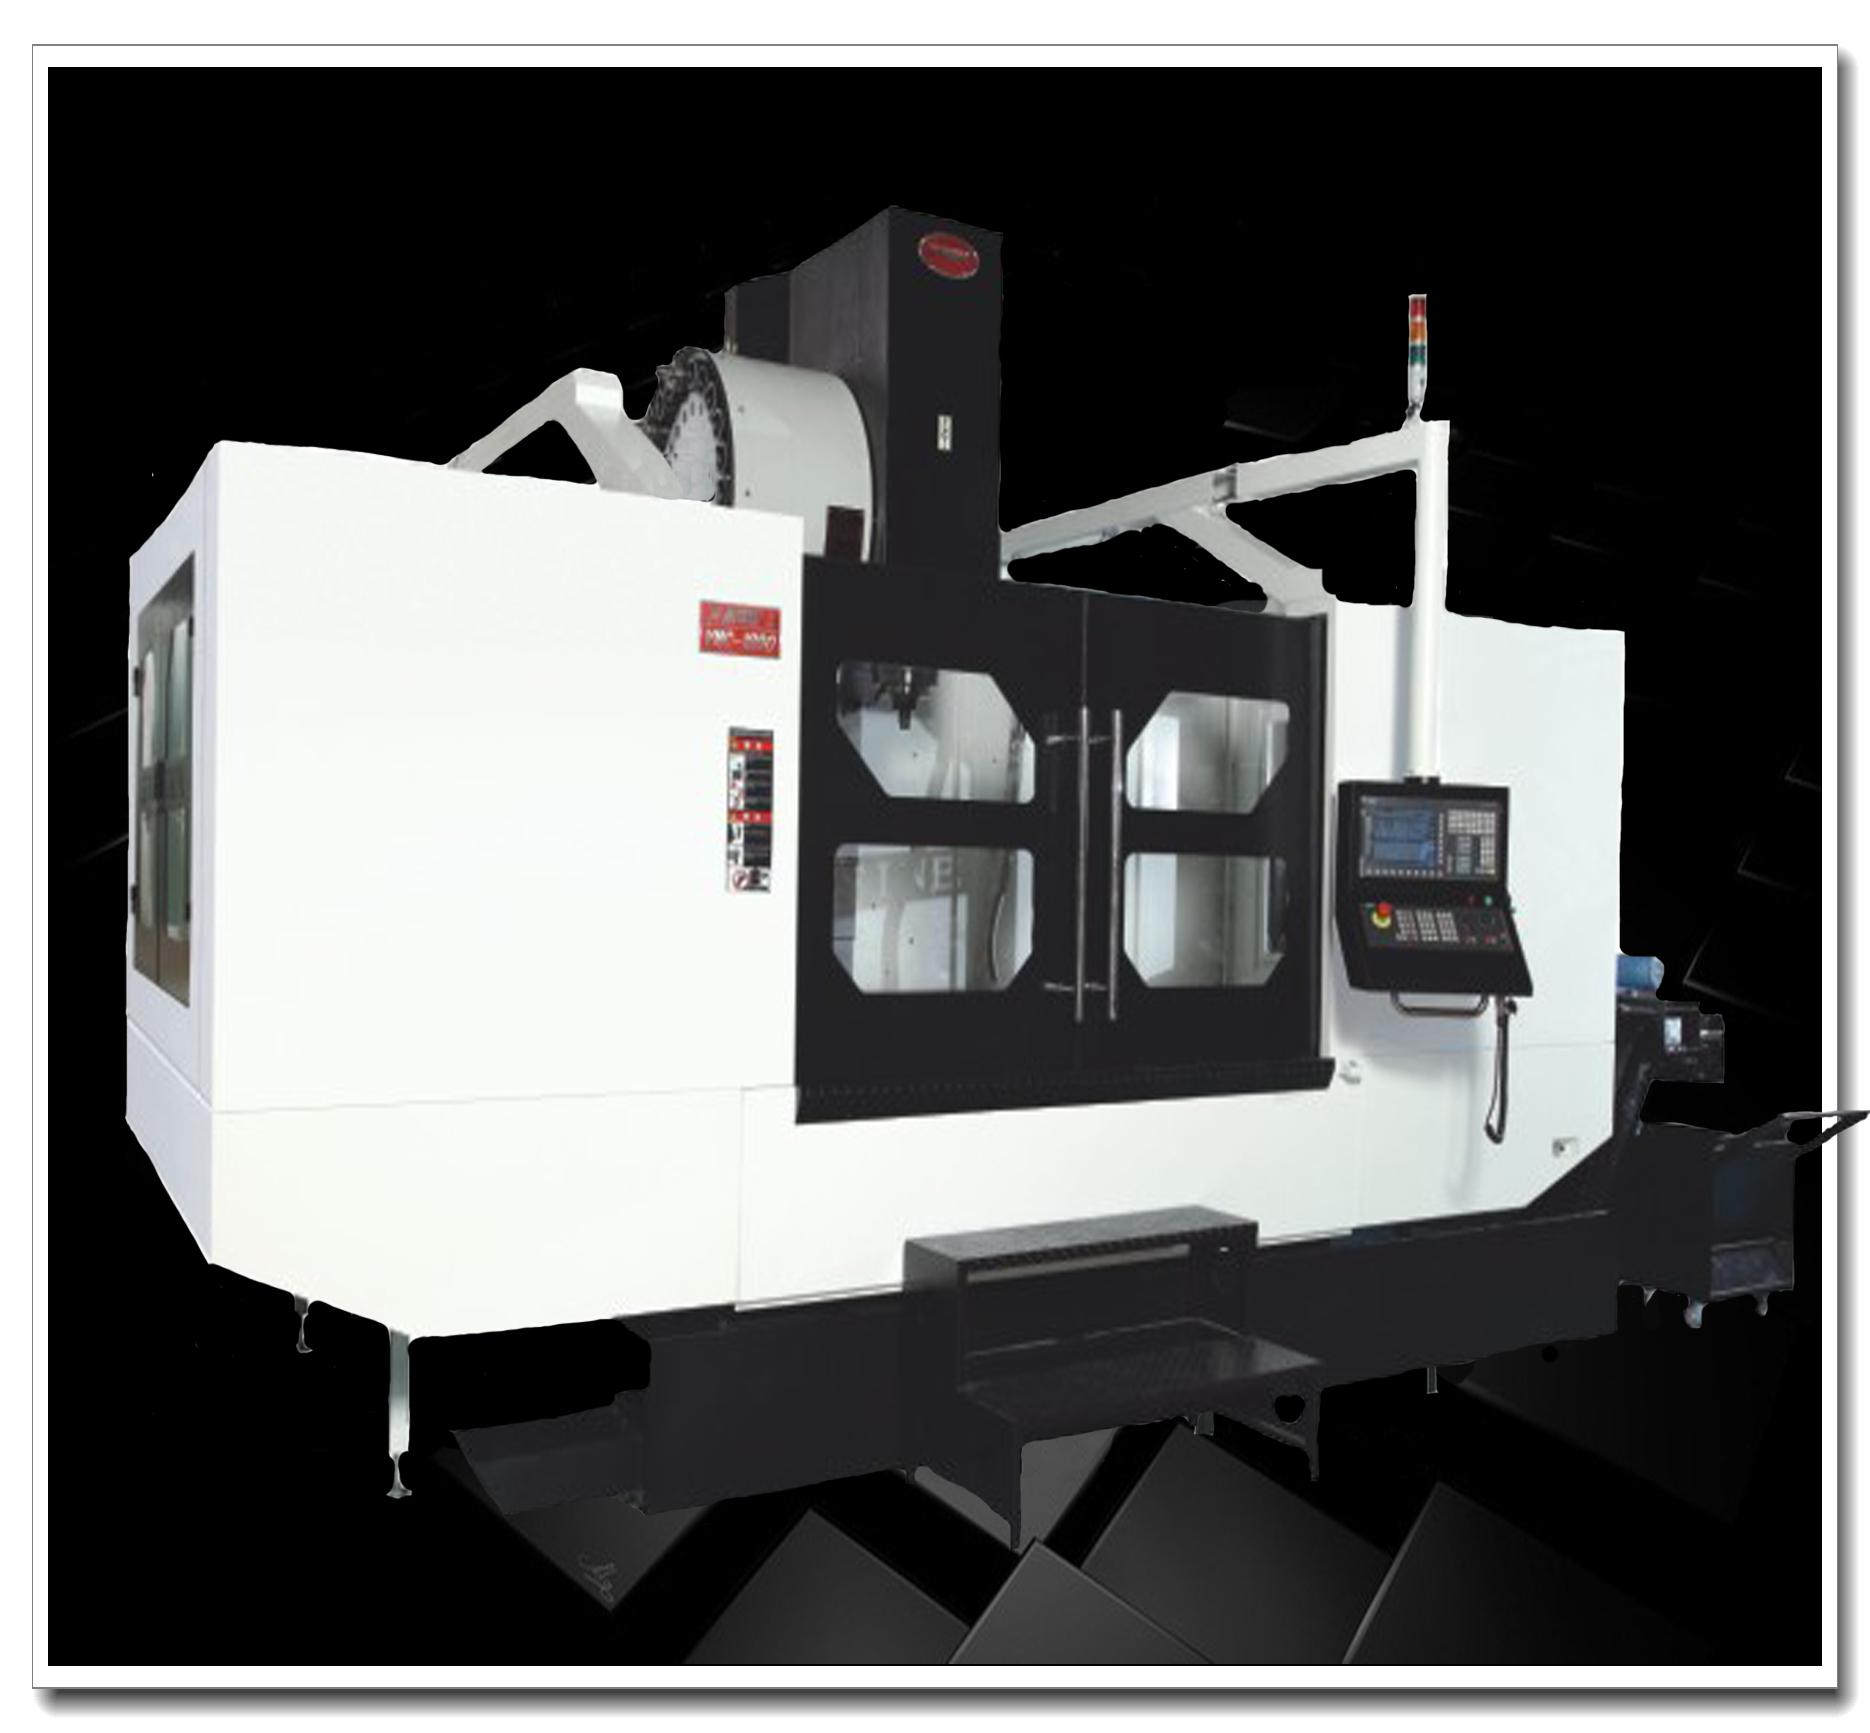 高刚性硬轨加工中心VMC-1580